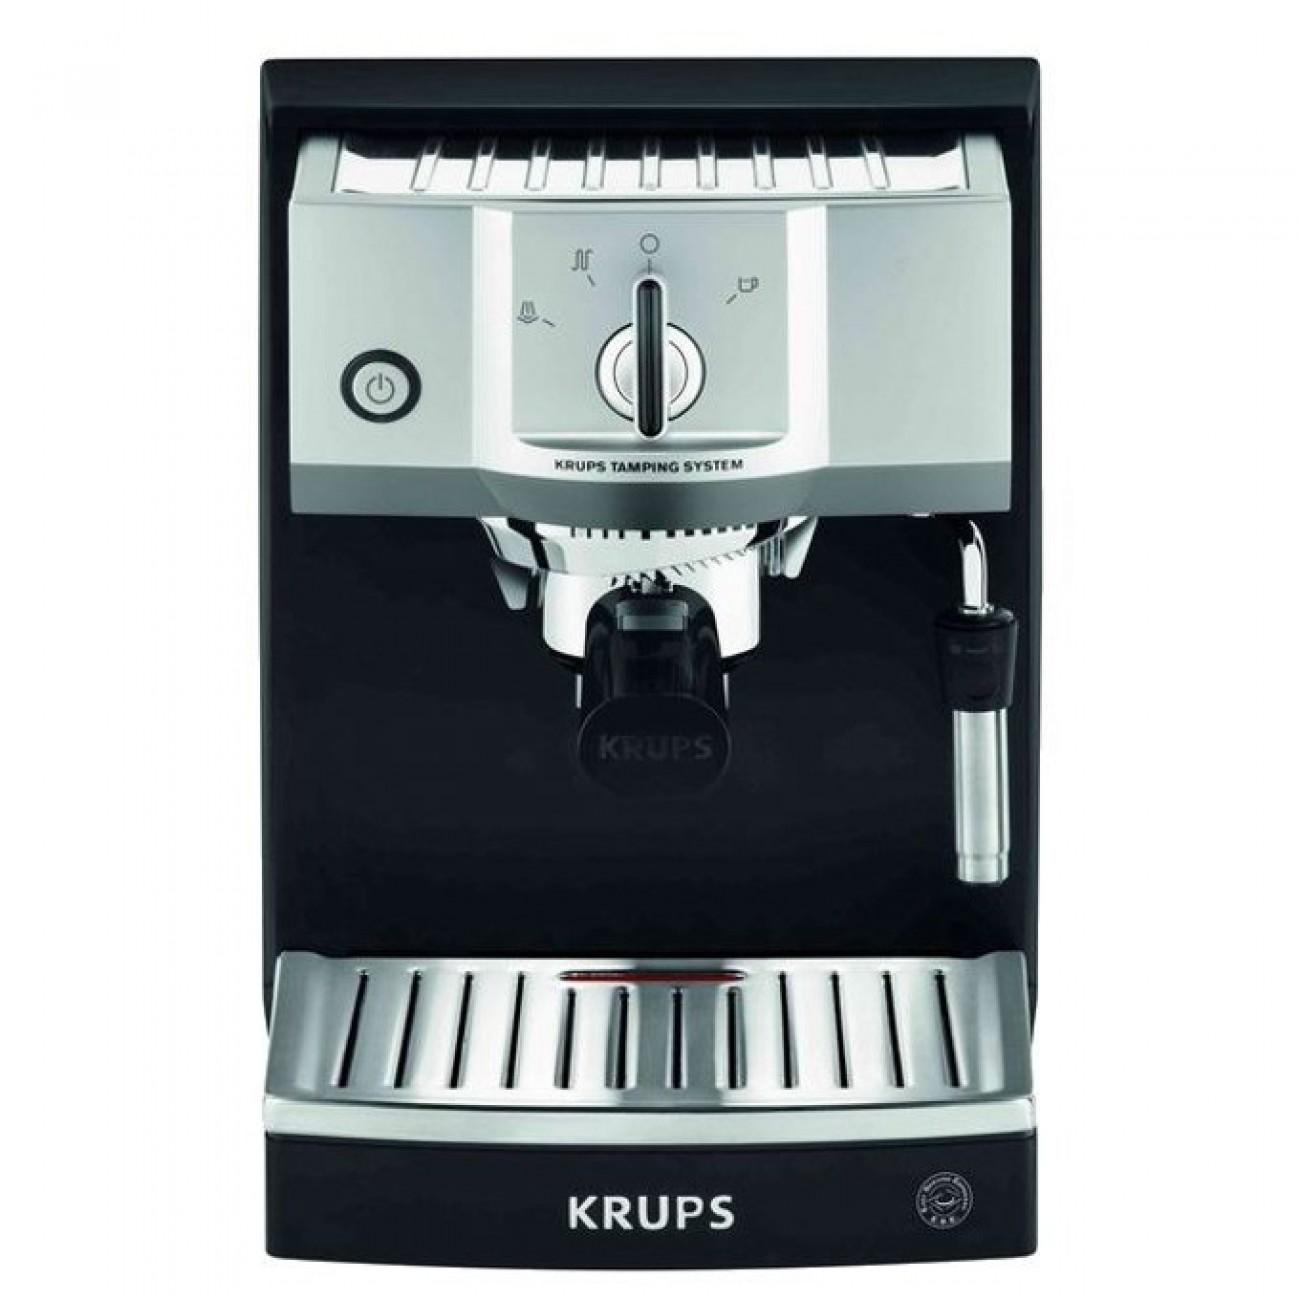 Aвтоматична еспресо машина Krups XP562030 NK3, 1450W 15 bar, черна в Кафемашини -    Alleop